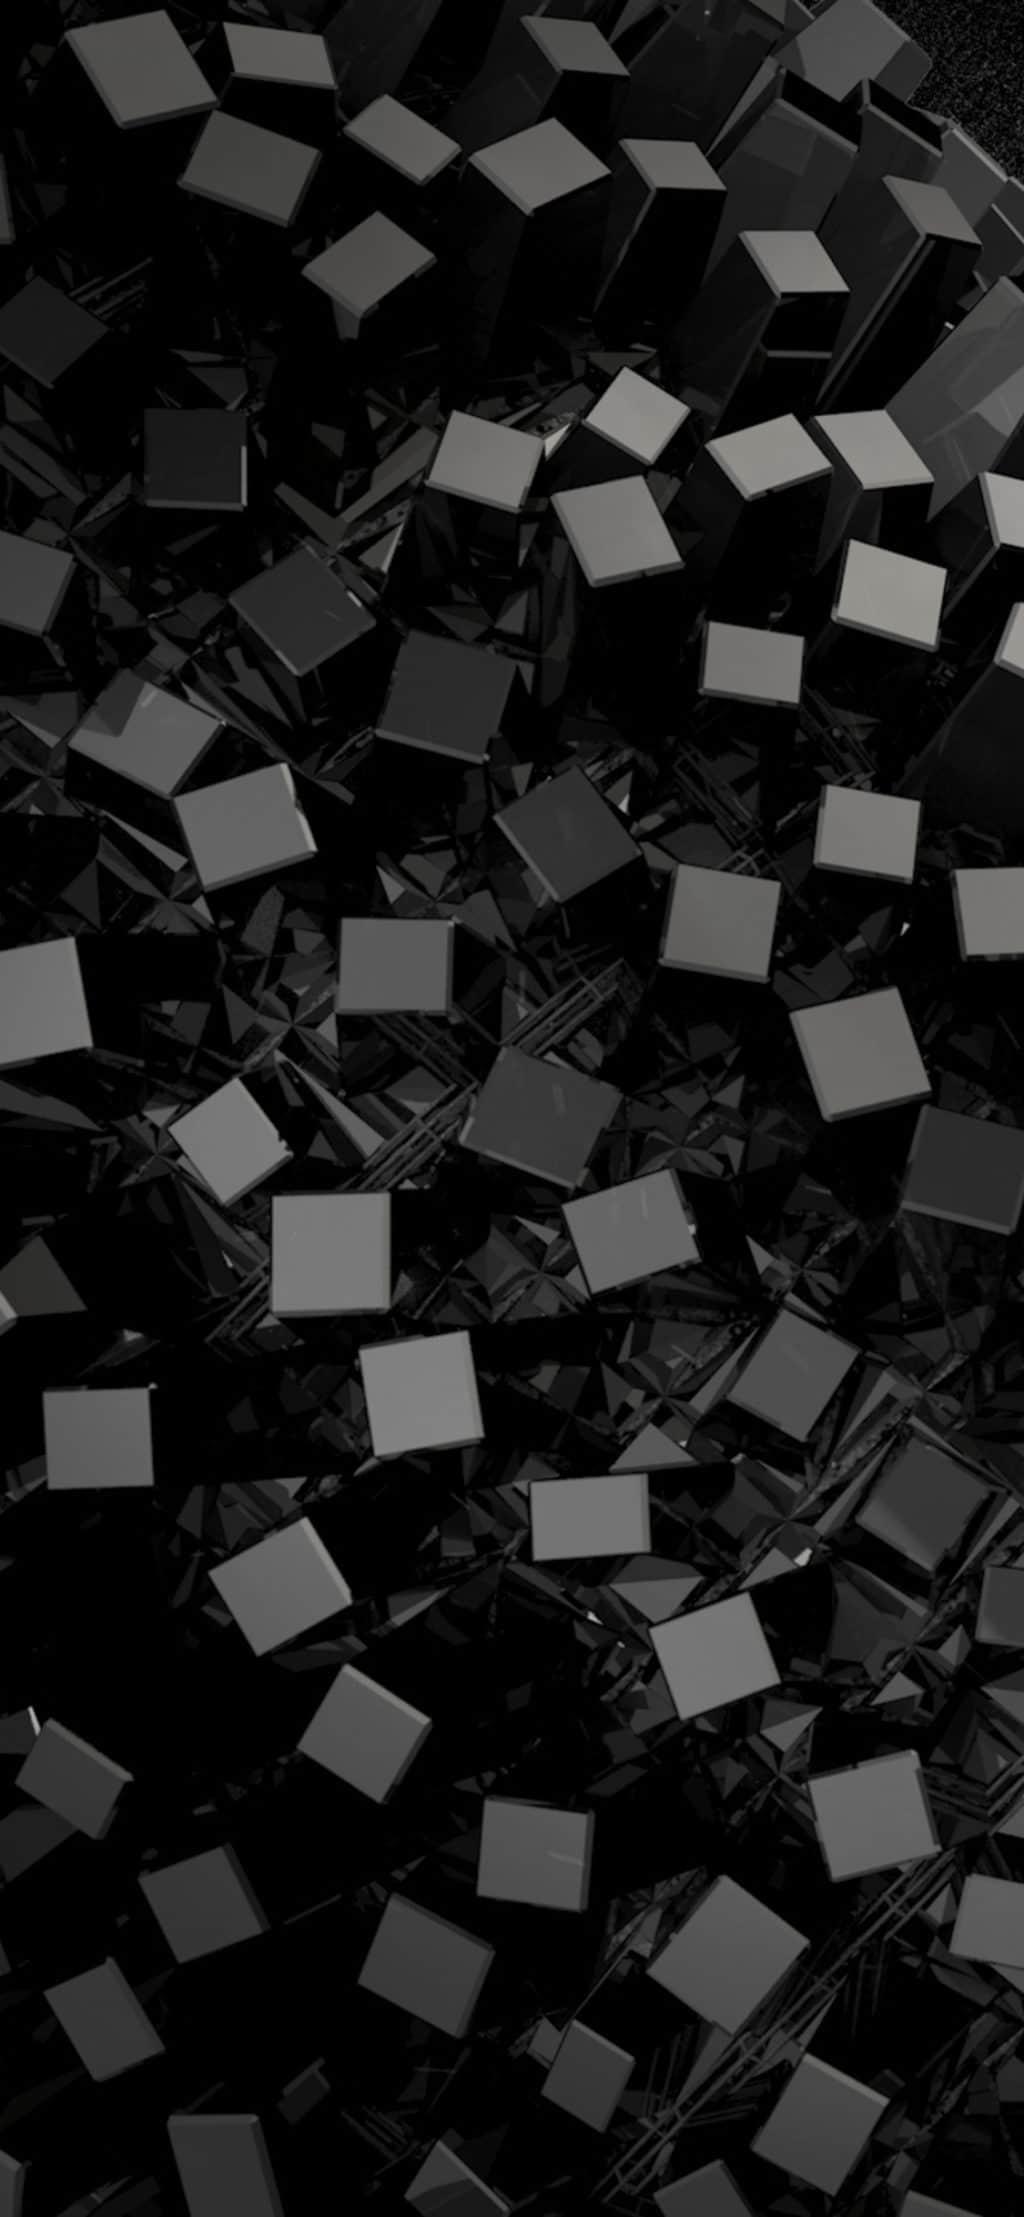 Black And White Iphone 11 1024x2217 Wallpaper Teahub Io